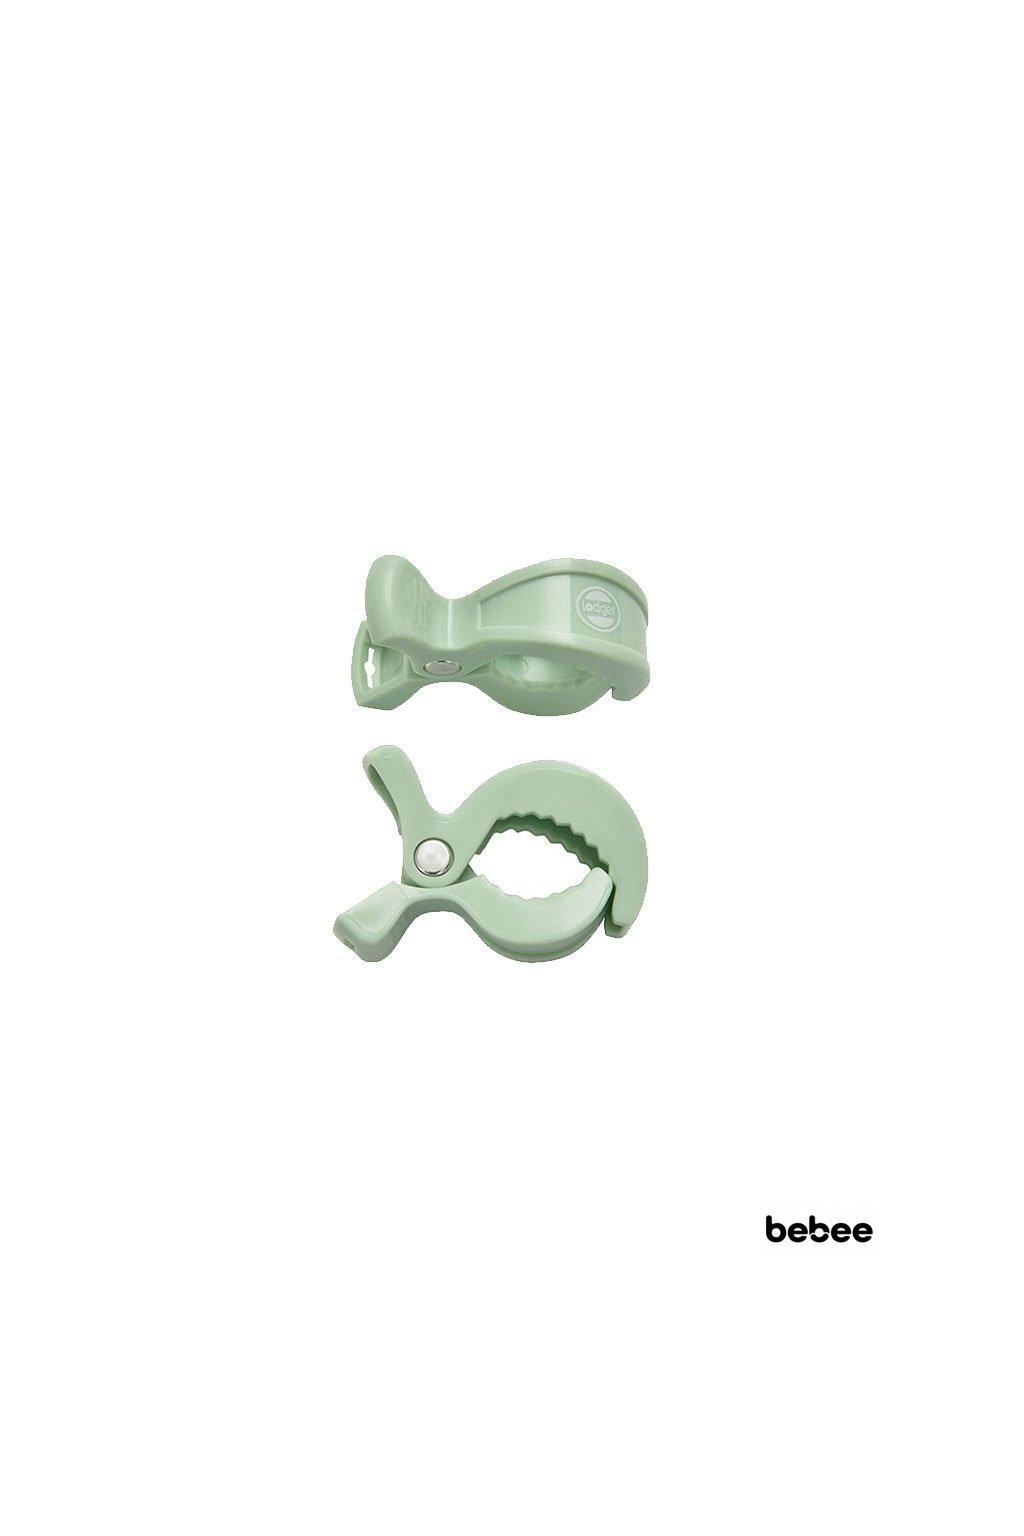 multifunkcny stipec swaddle clip leaf 2 ks lodger